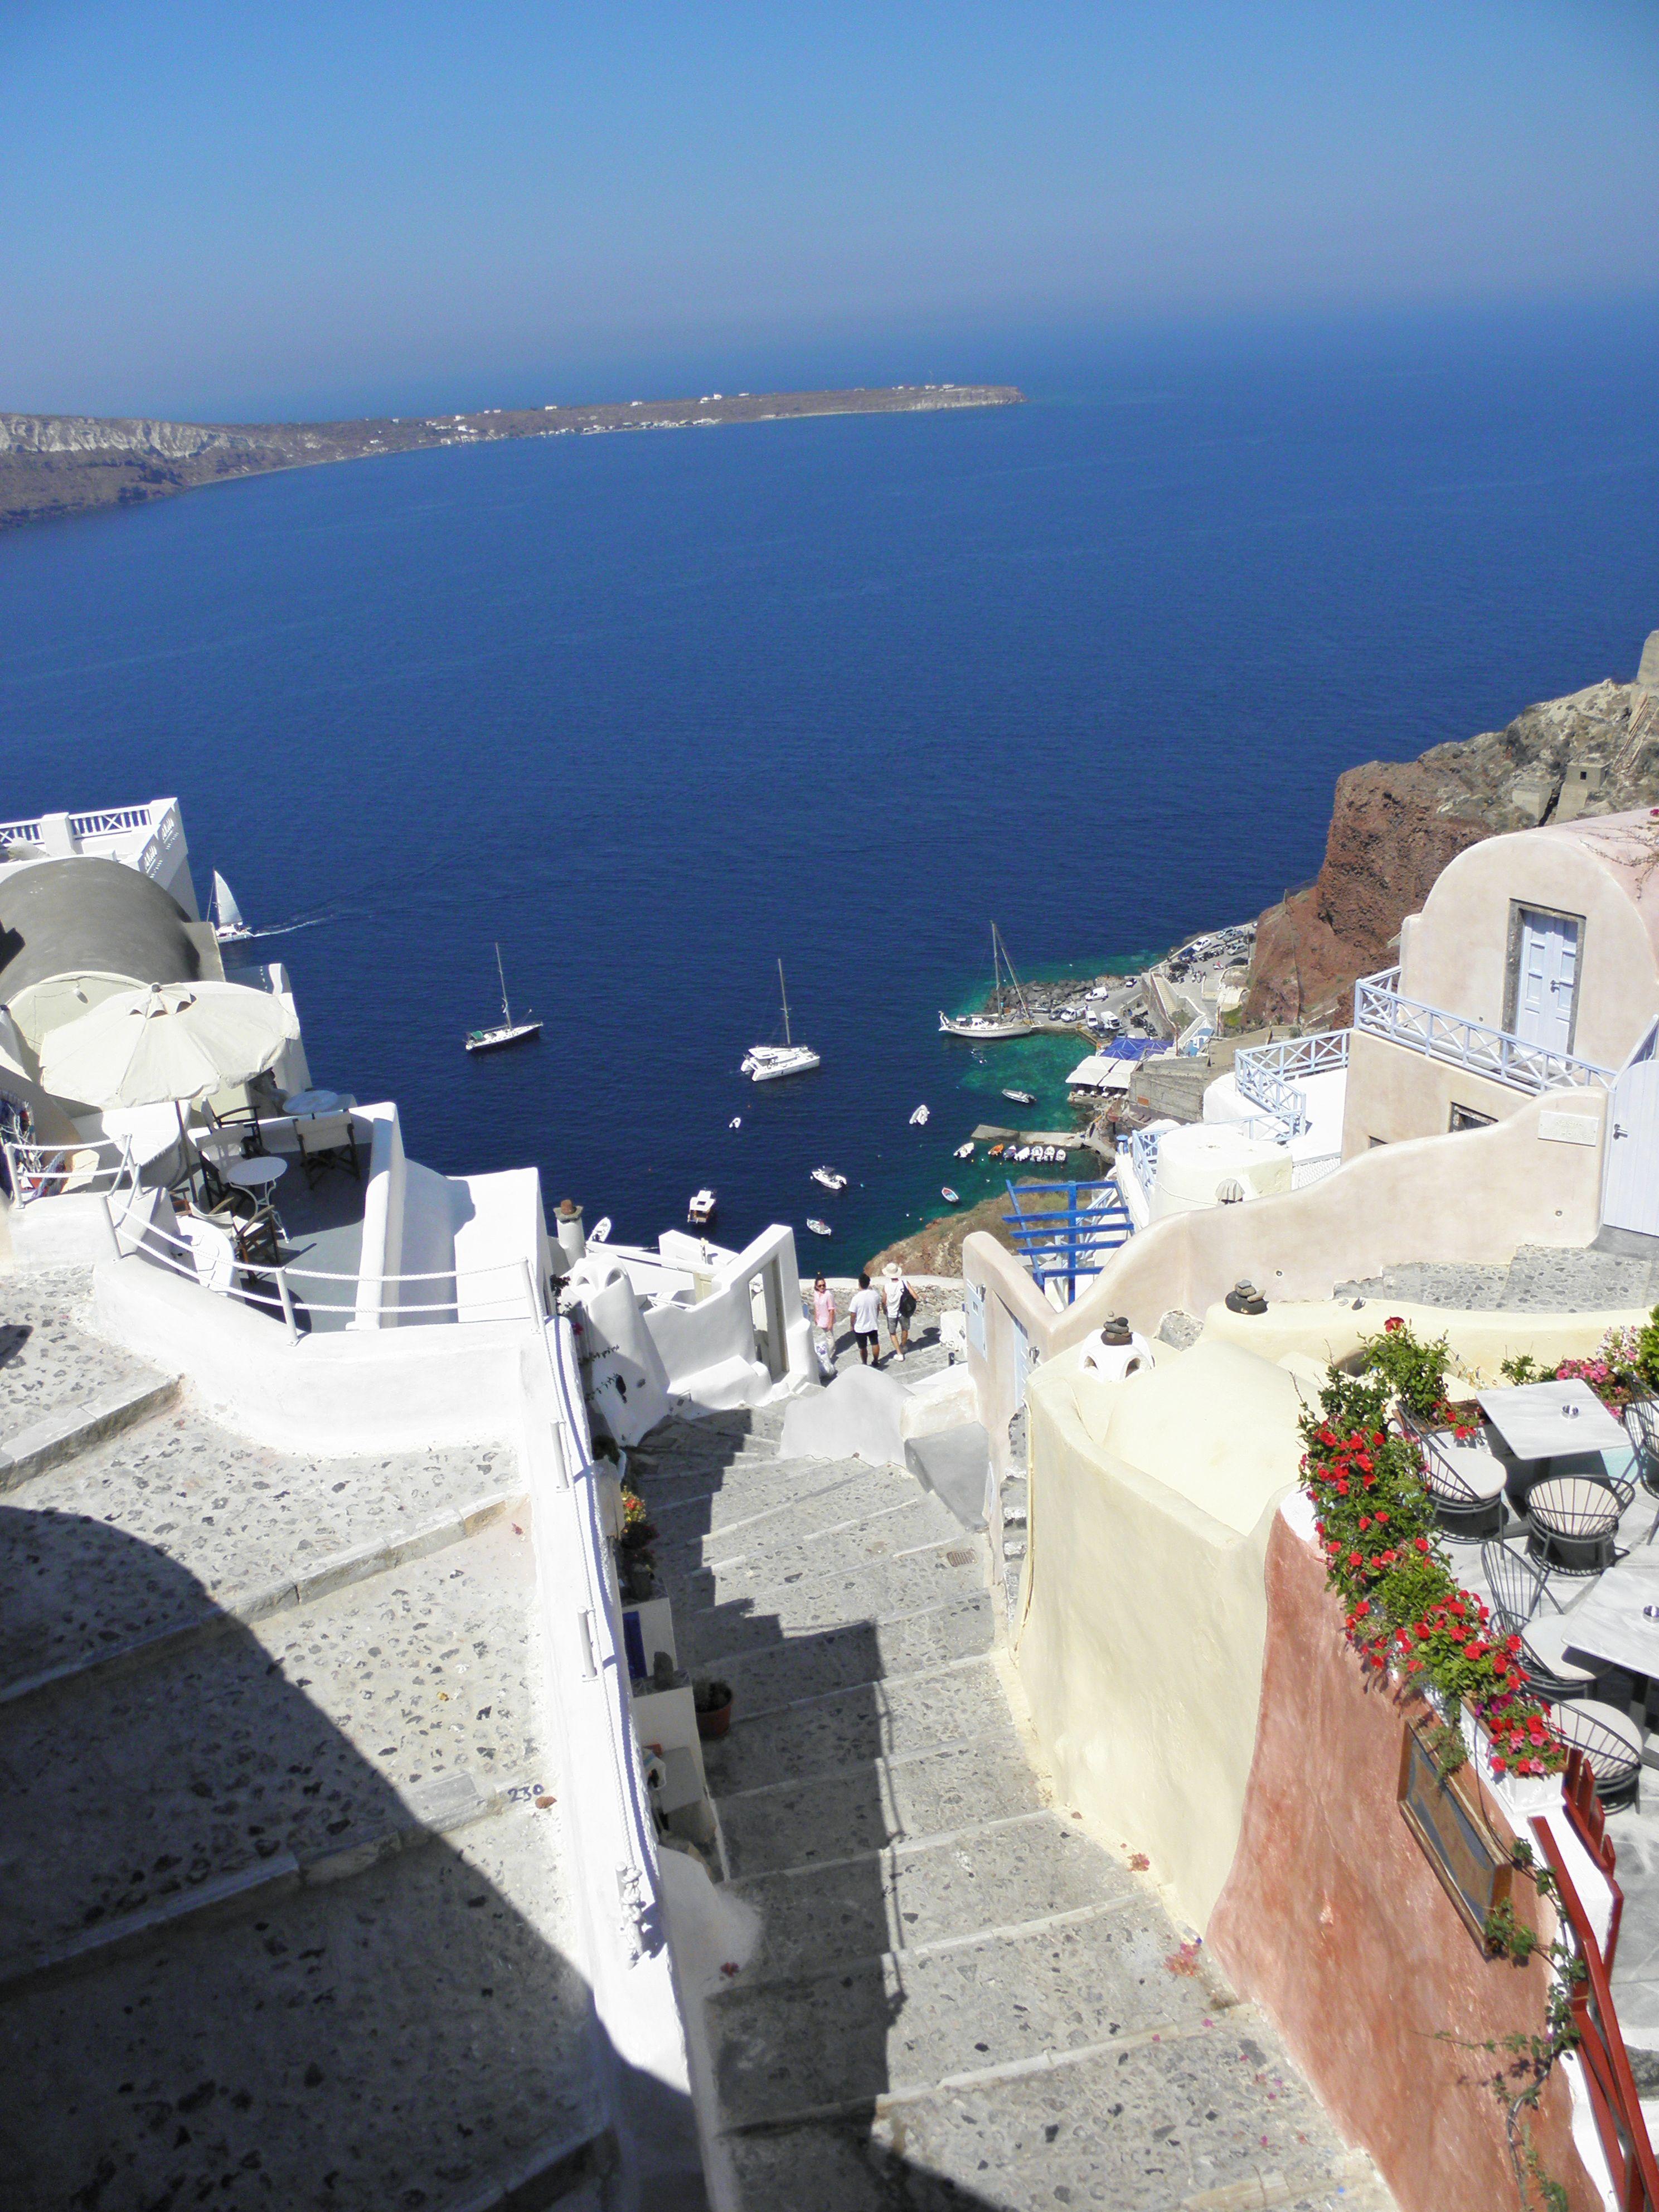 Santorini stairway udududududududududududududududududud luxurytravelboutique